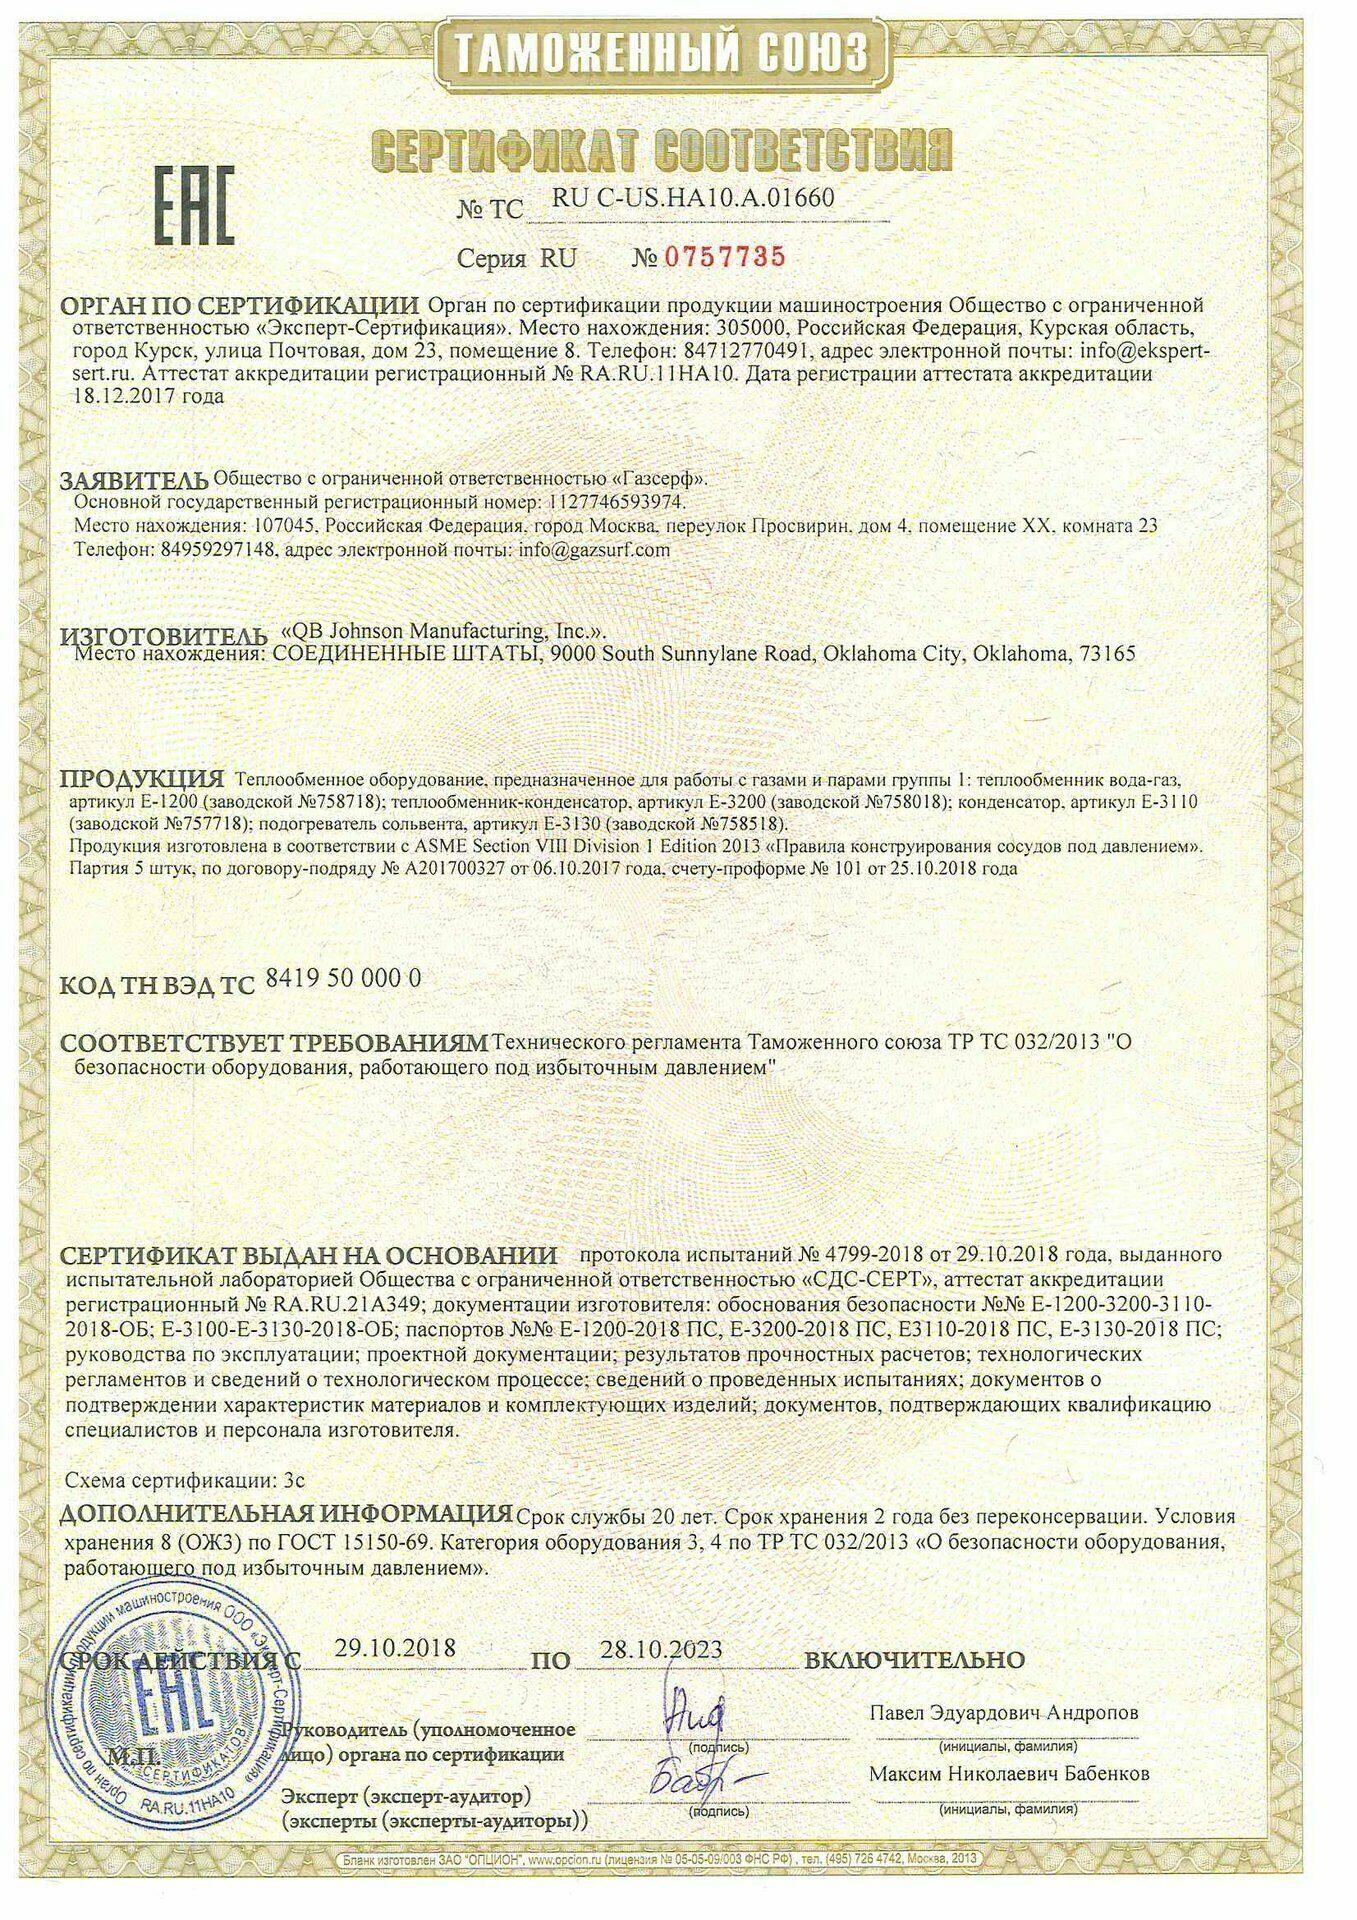 декларация ТР ТС 032